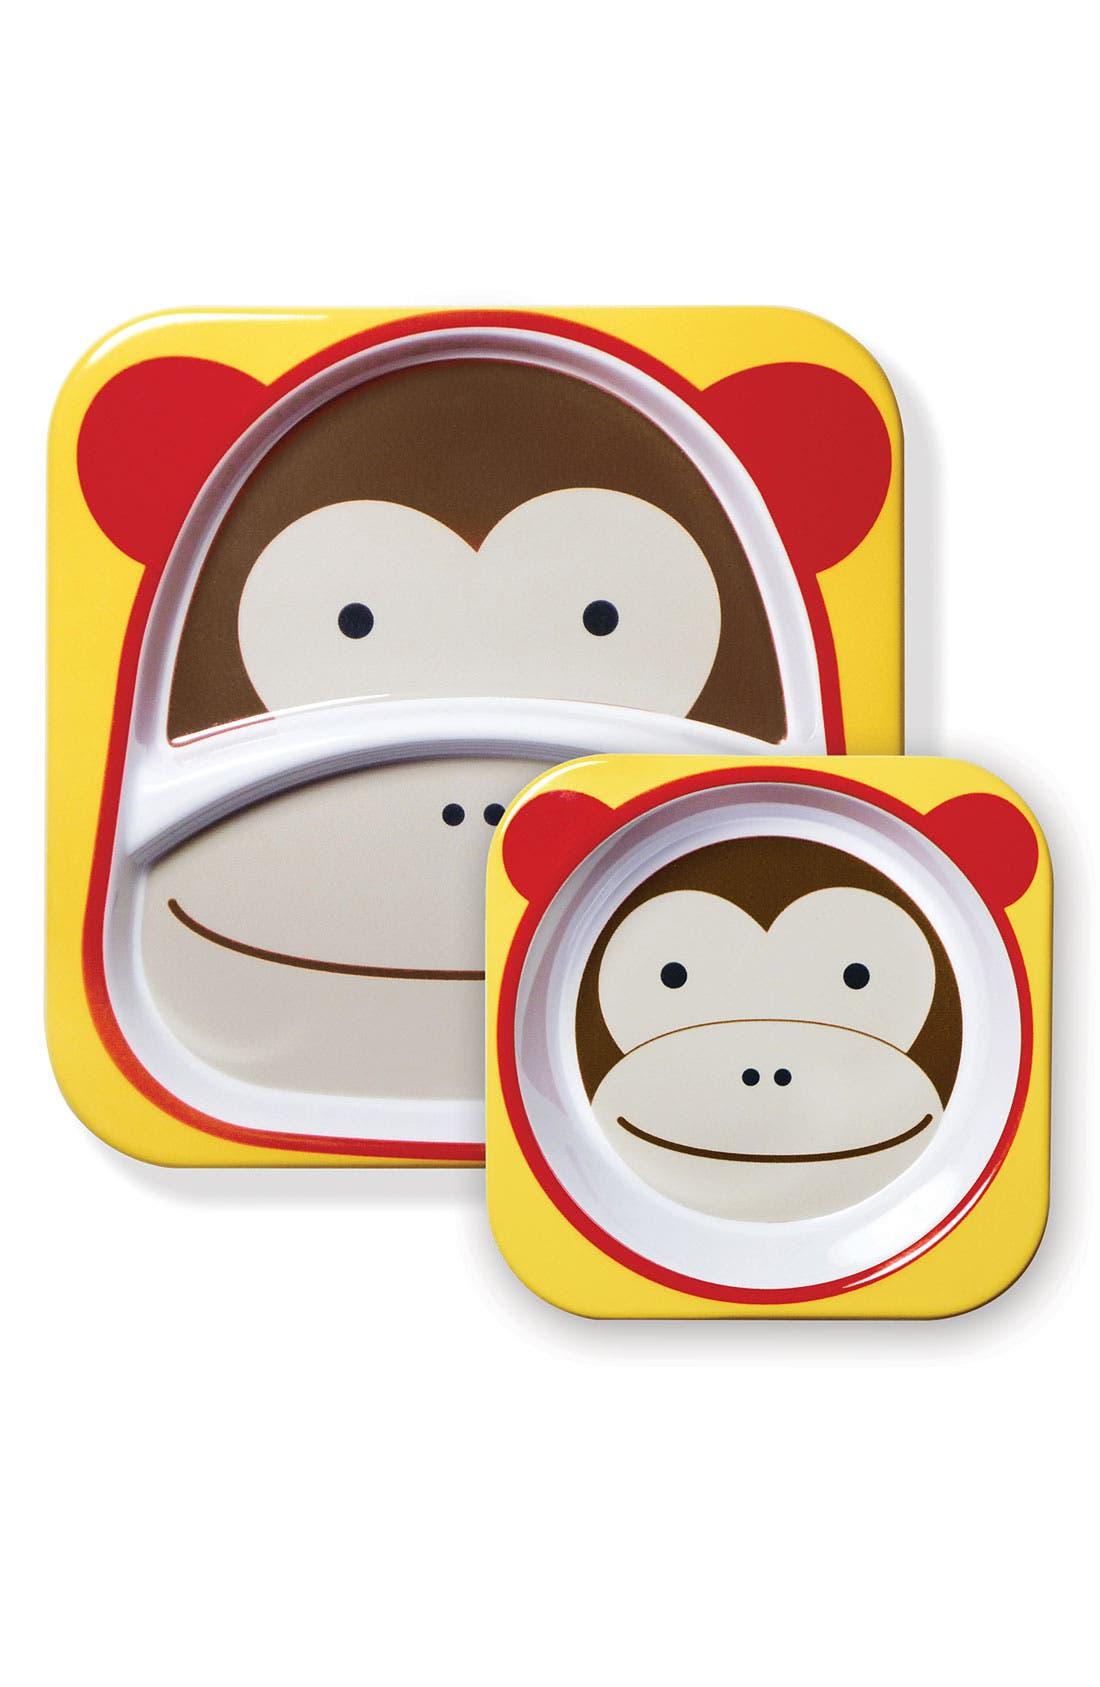 Main Image - Skip Hop 'Zoo' Meal Time Set